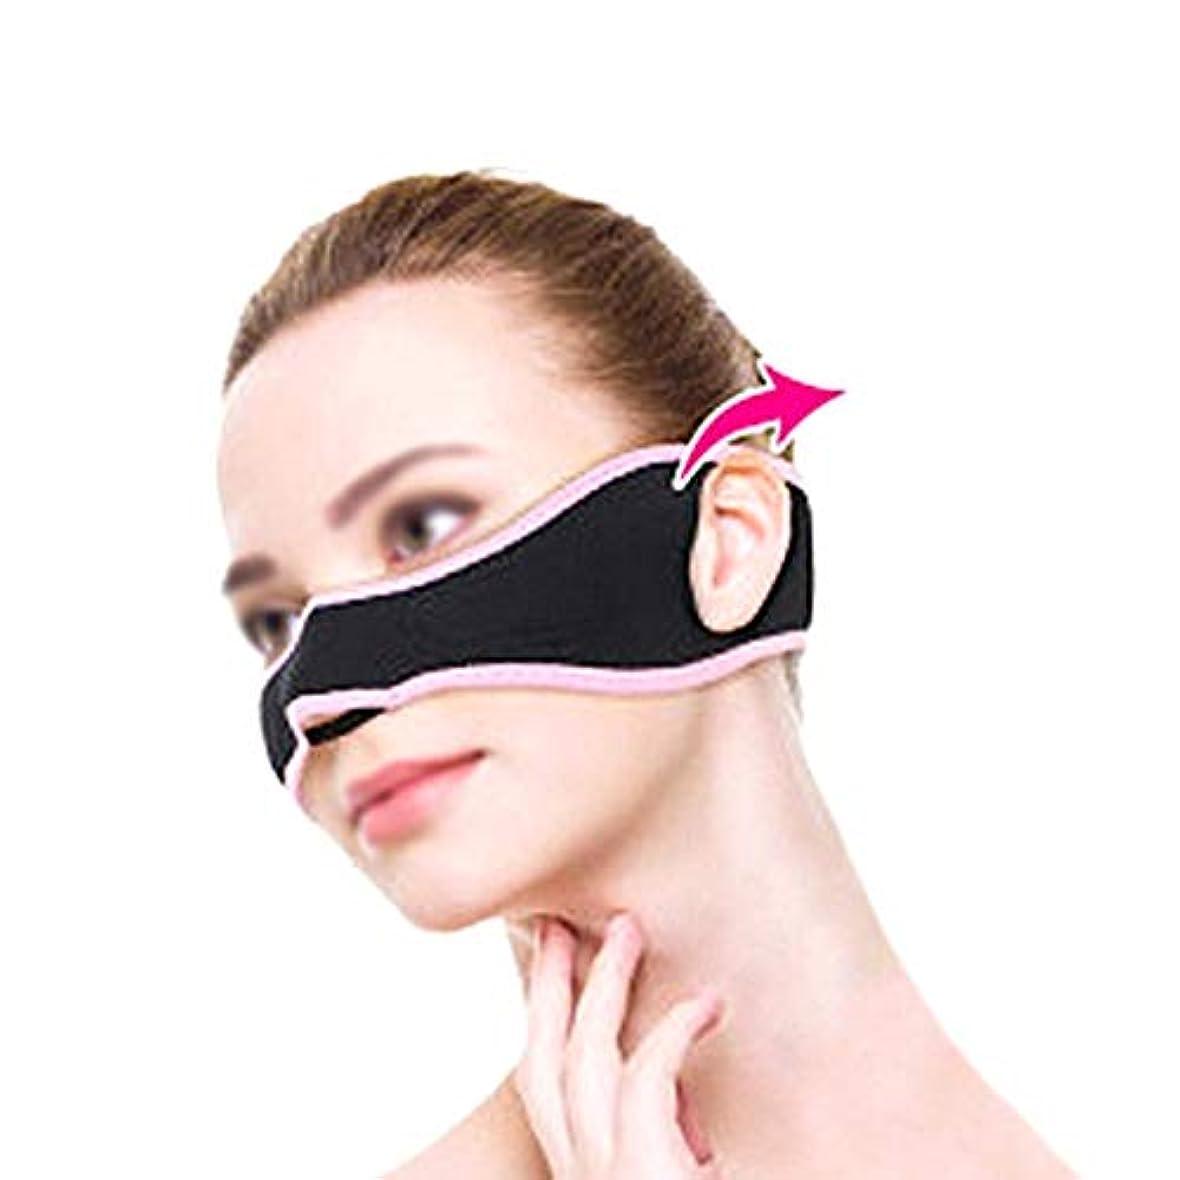 便利電気的練習XHLMRMJ フェイスリフティングマスク、チークリフトアップマスク、薄くて薄い顔、顔の筋肉を引き締めて持ち上げ、持ち運びが簡単で、男性と女性の両方が使用できます